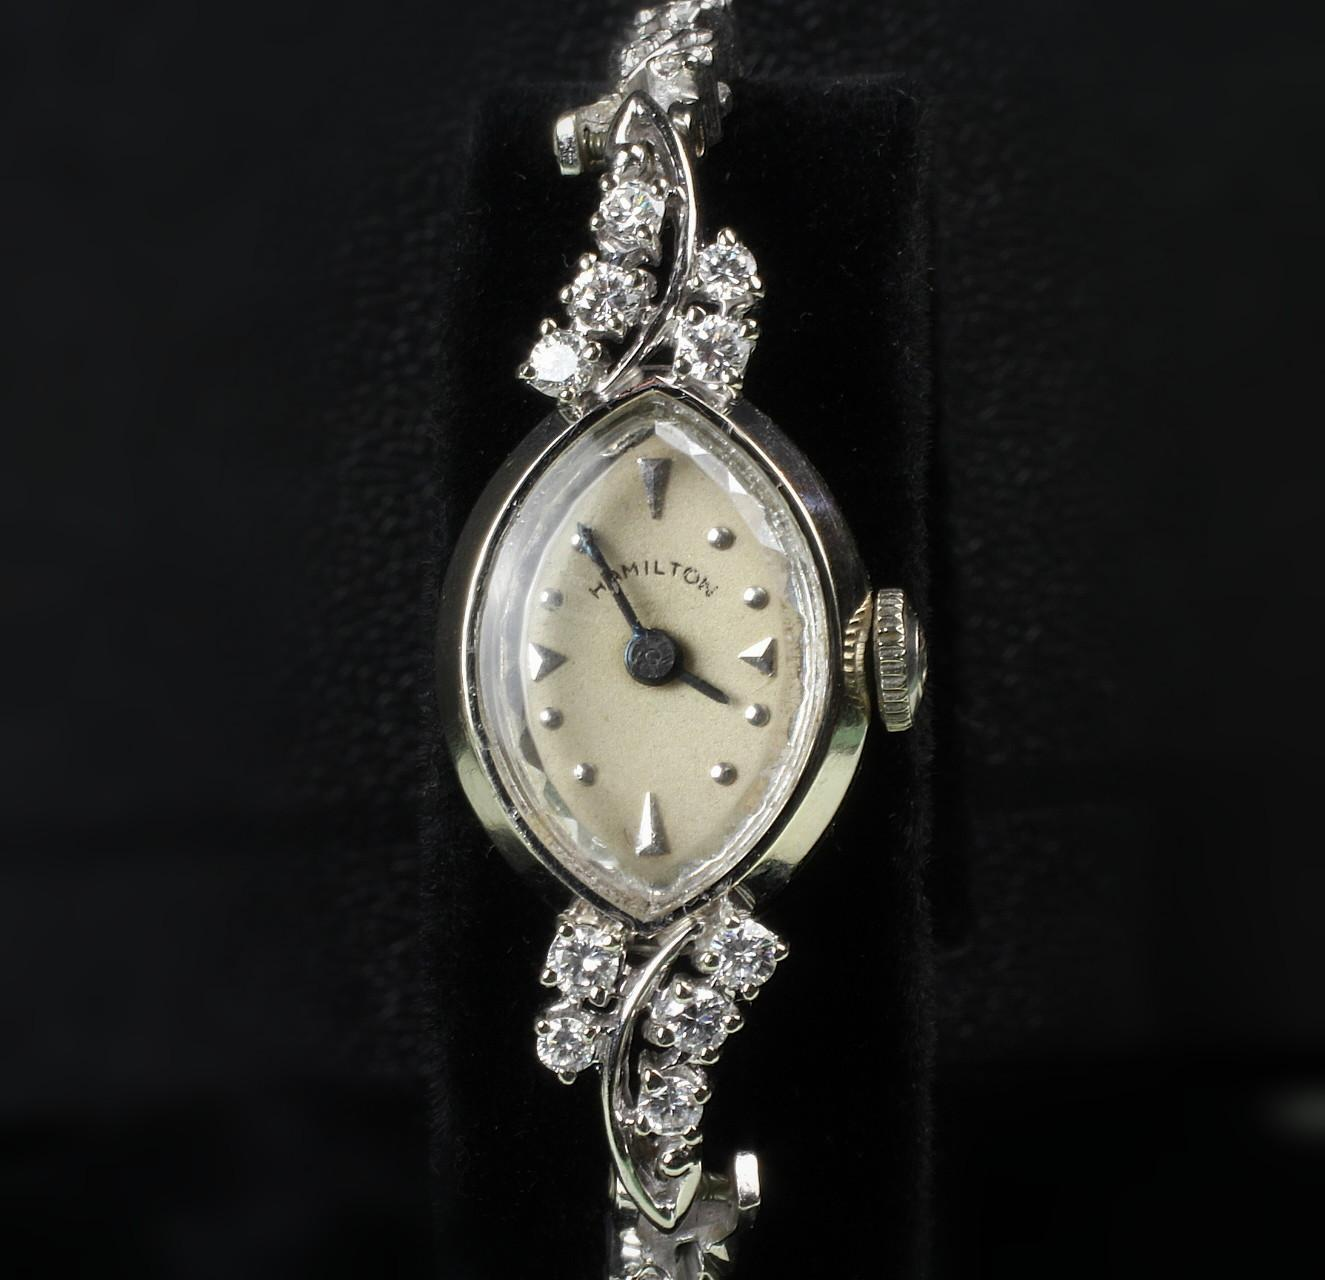 14K White Gold Ladies Hamilton Diamond Wrist Watch with 1.25 Ct. TW